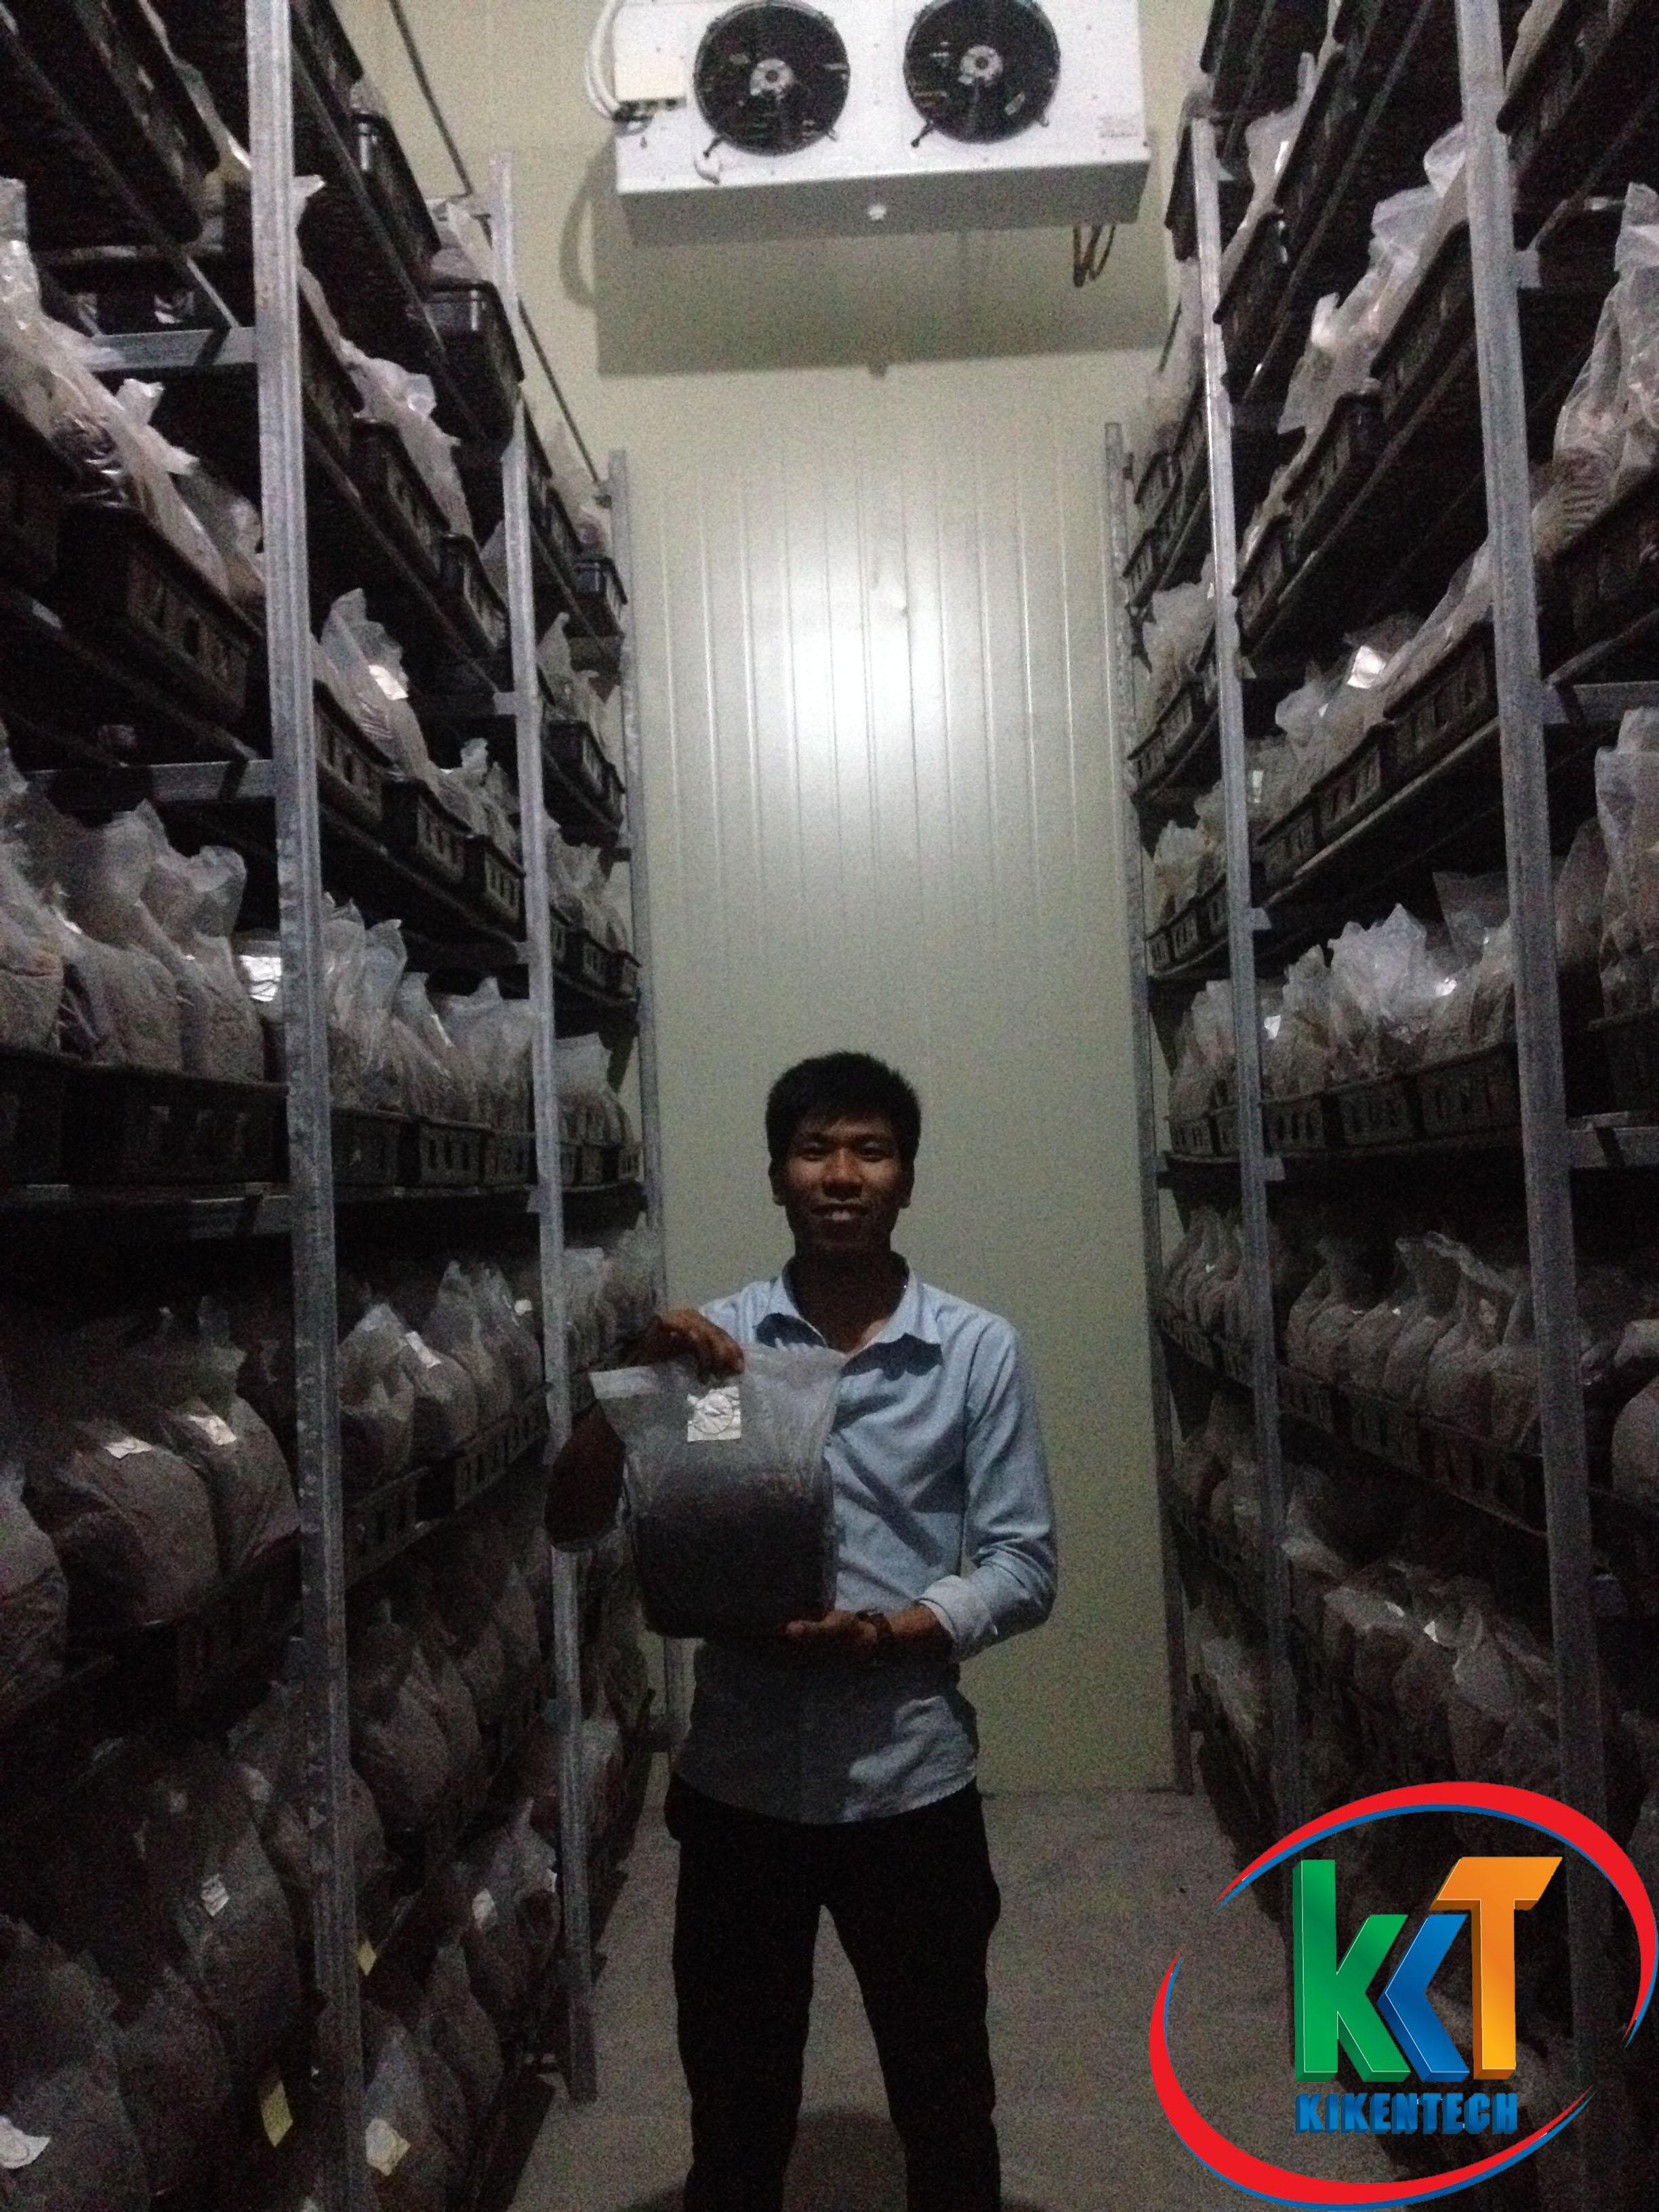 Nấm sò được sản xuất trong môi trường lạnh nên cần phải lắm đặt kho lạnh hạ nhiệt độ nuôi nấm. Lắp đặt kho lạnh bảo quản nấm, lắp đặt kho lạnh trồng nấm sò